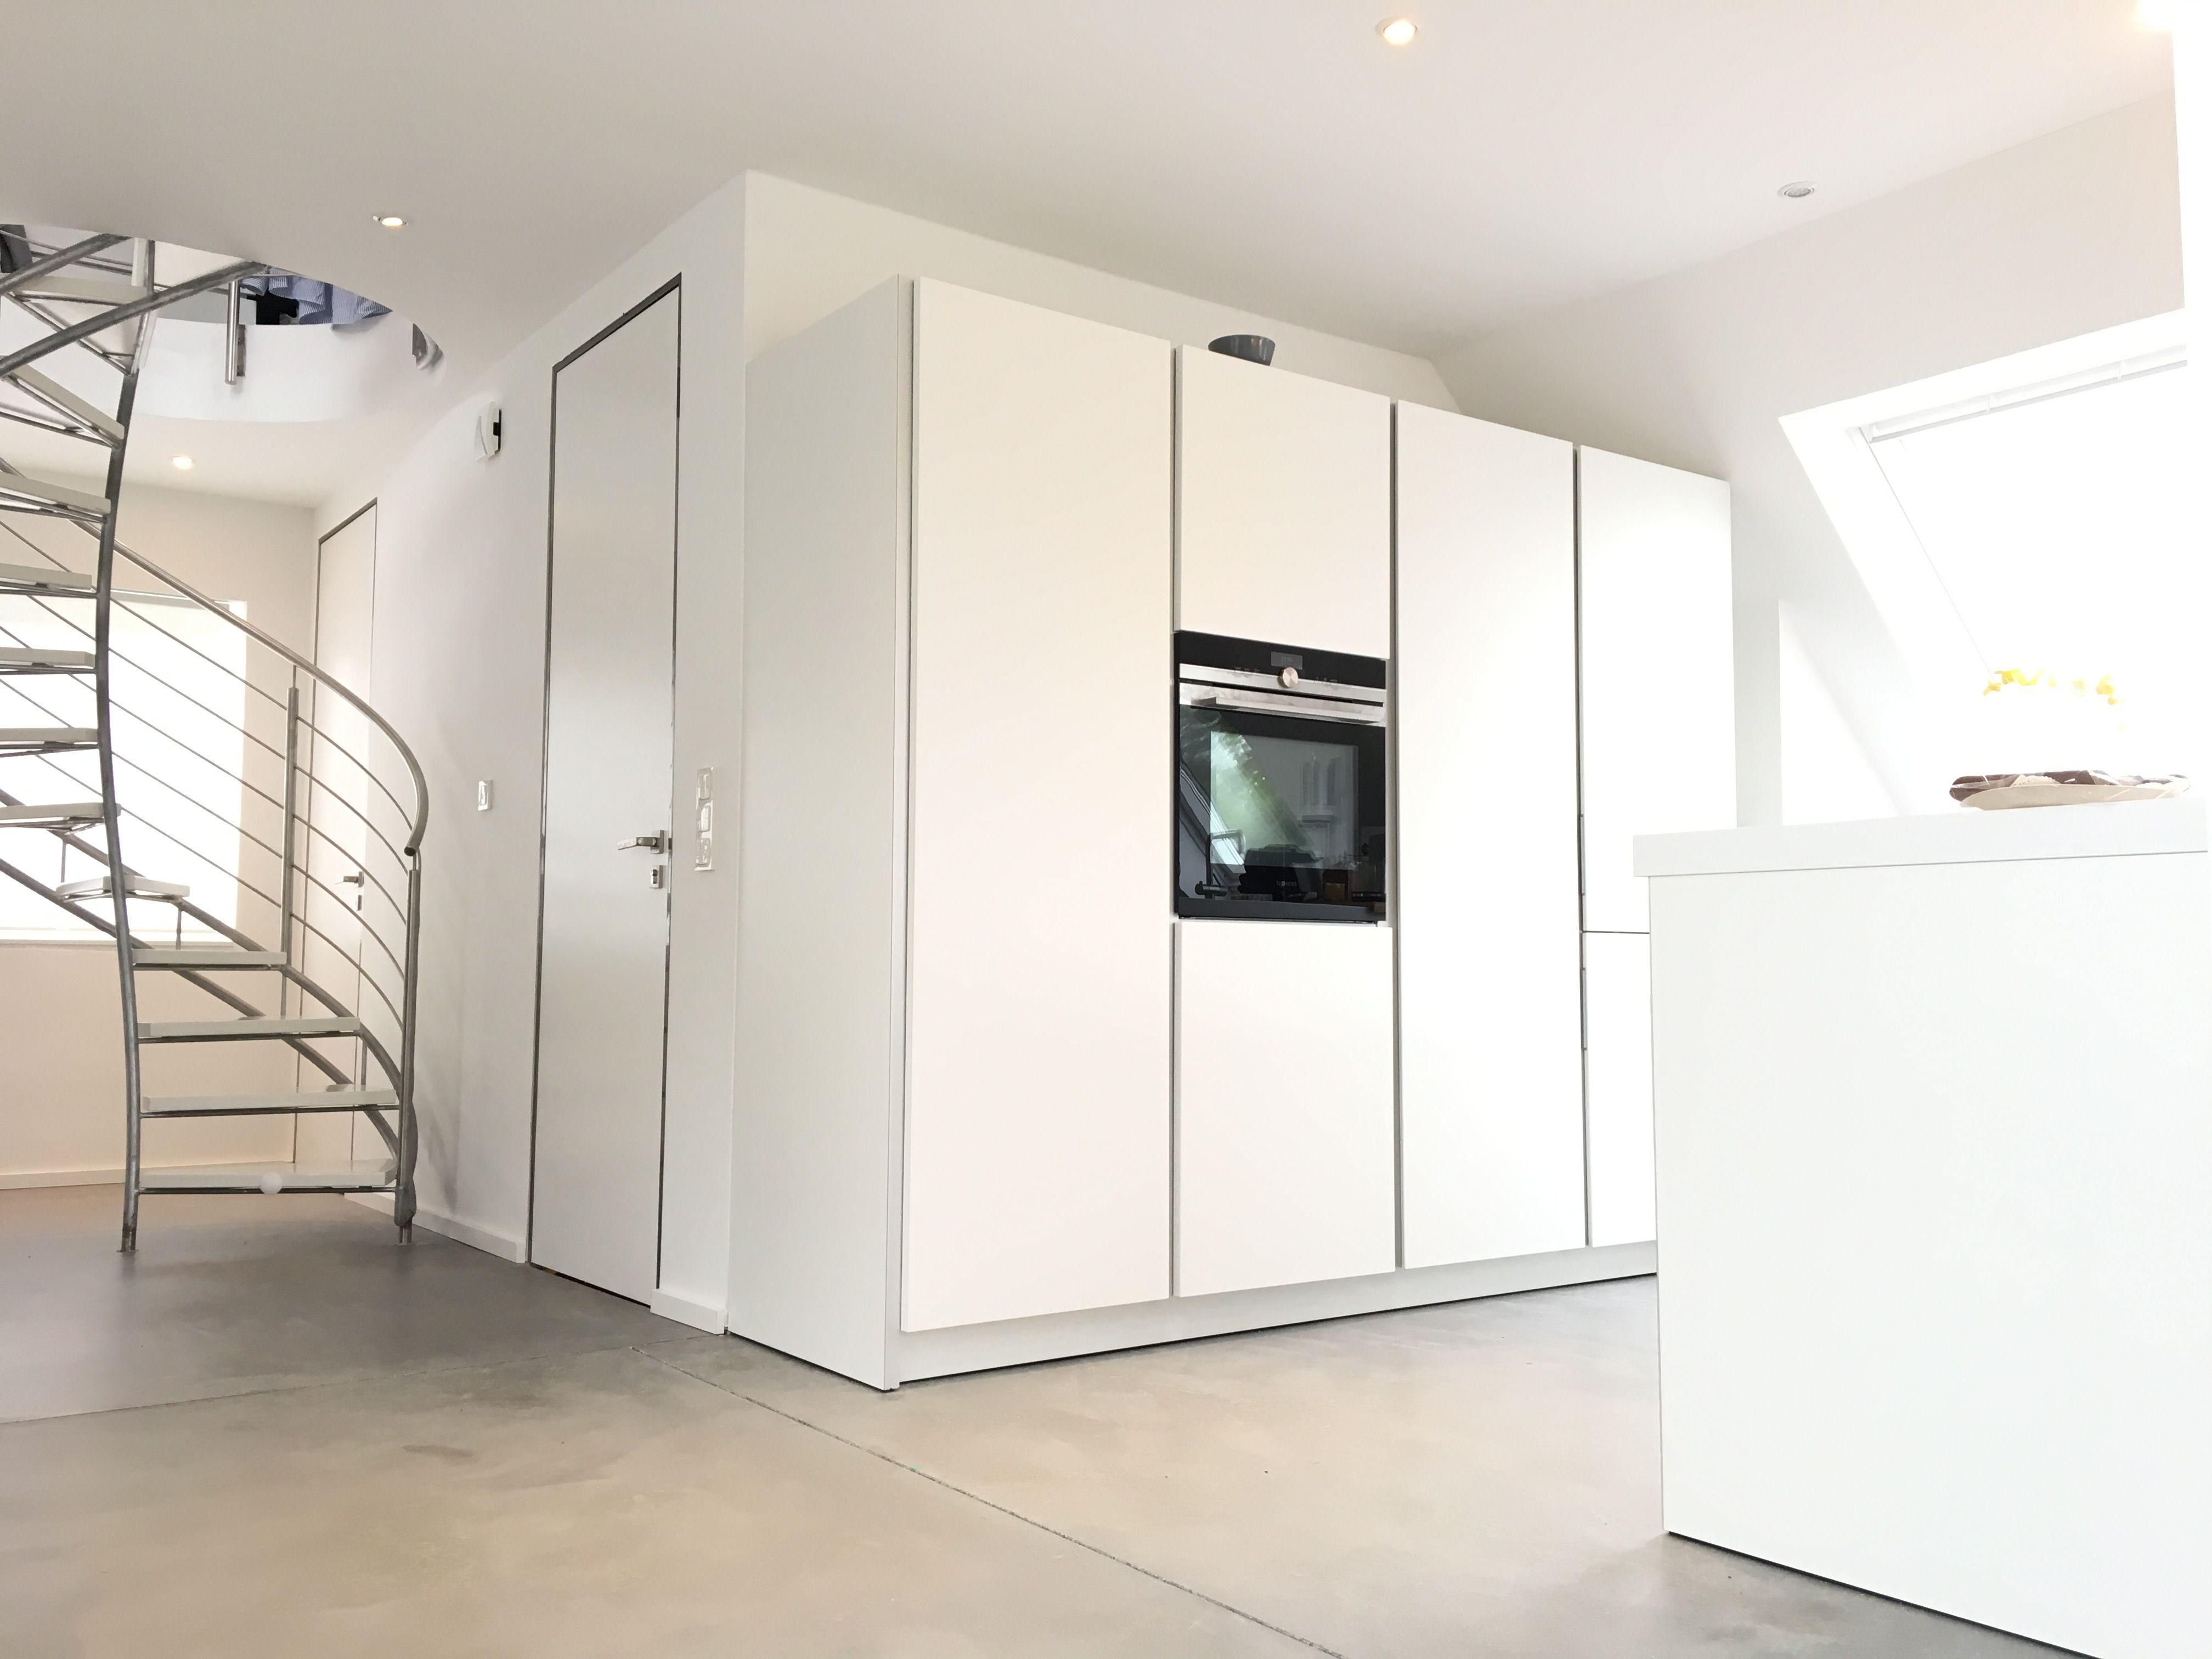 Loft: Bulthaup Küche. Sichtestrich.